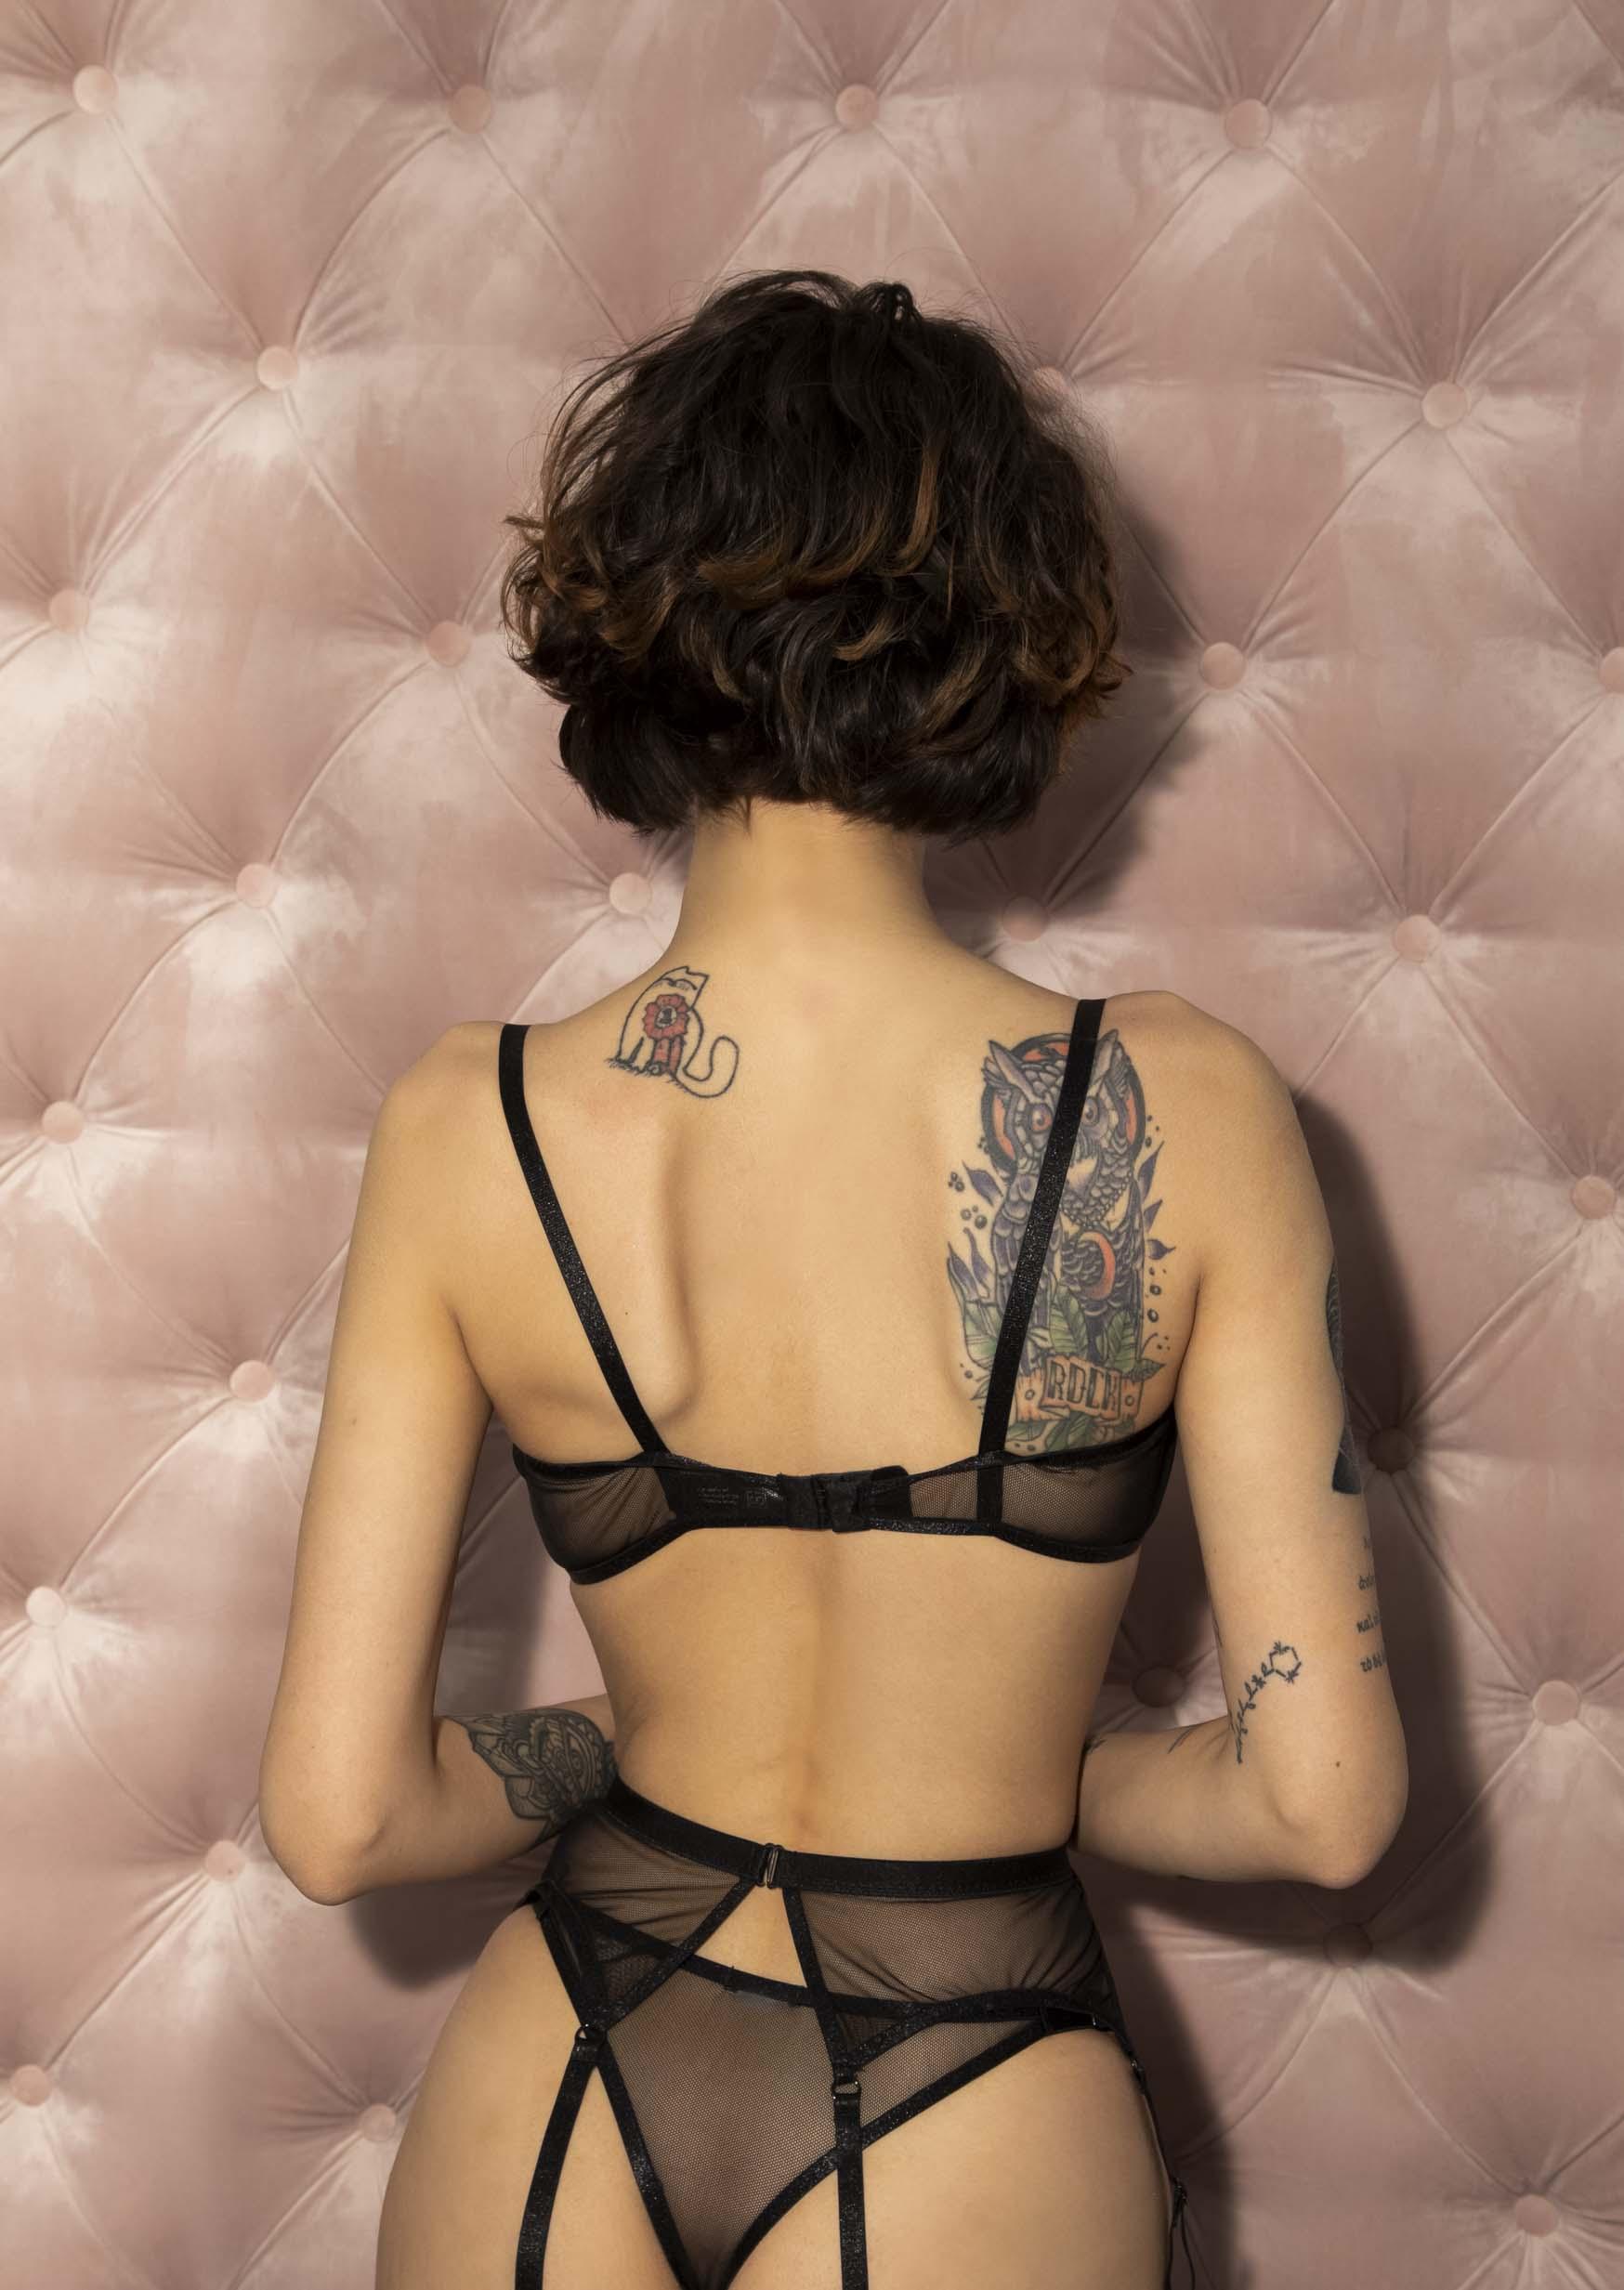 Poema lingerie set transparent sexy black lingerie with garter belt